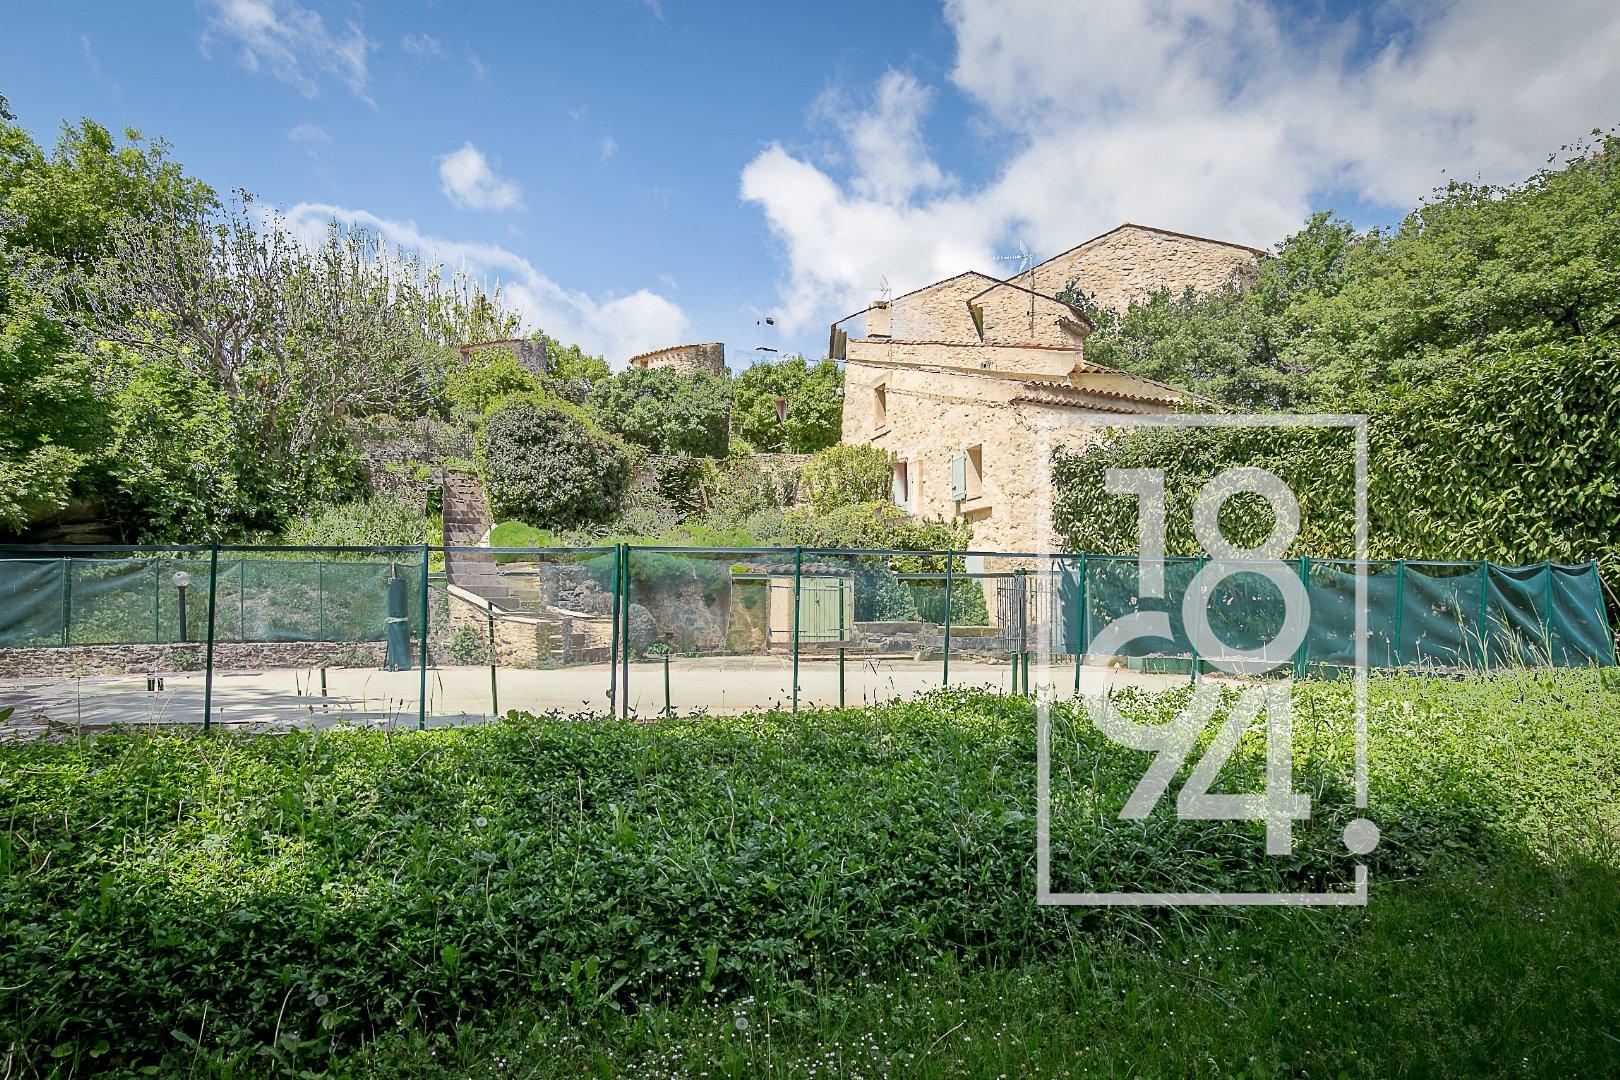 Maison de caractère style provençal de 476 m² dont 239 m² habitables sur 2 ha avec piscine et dépendances à La Bastide des Jourdans